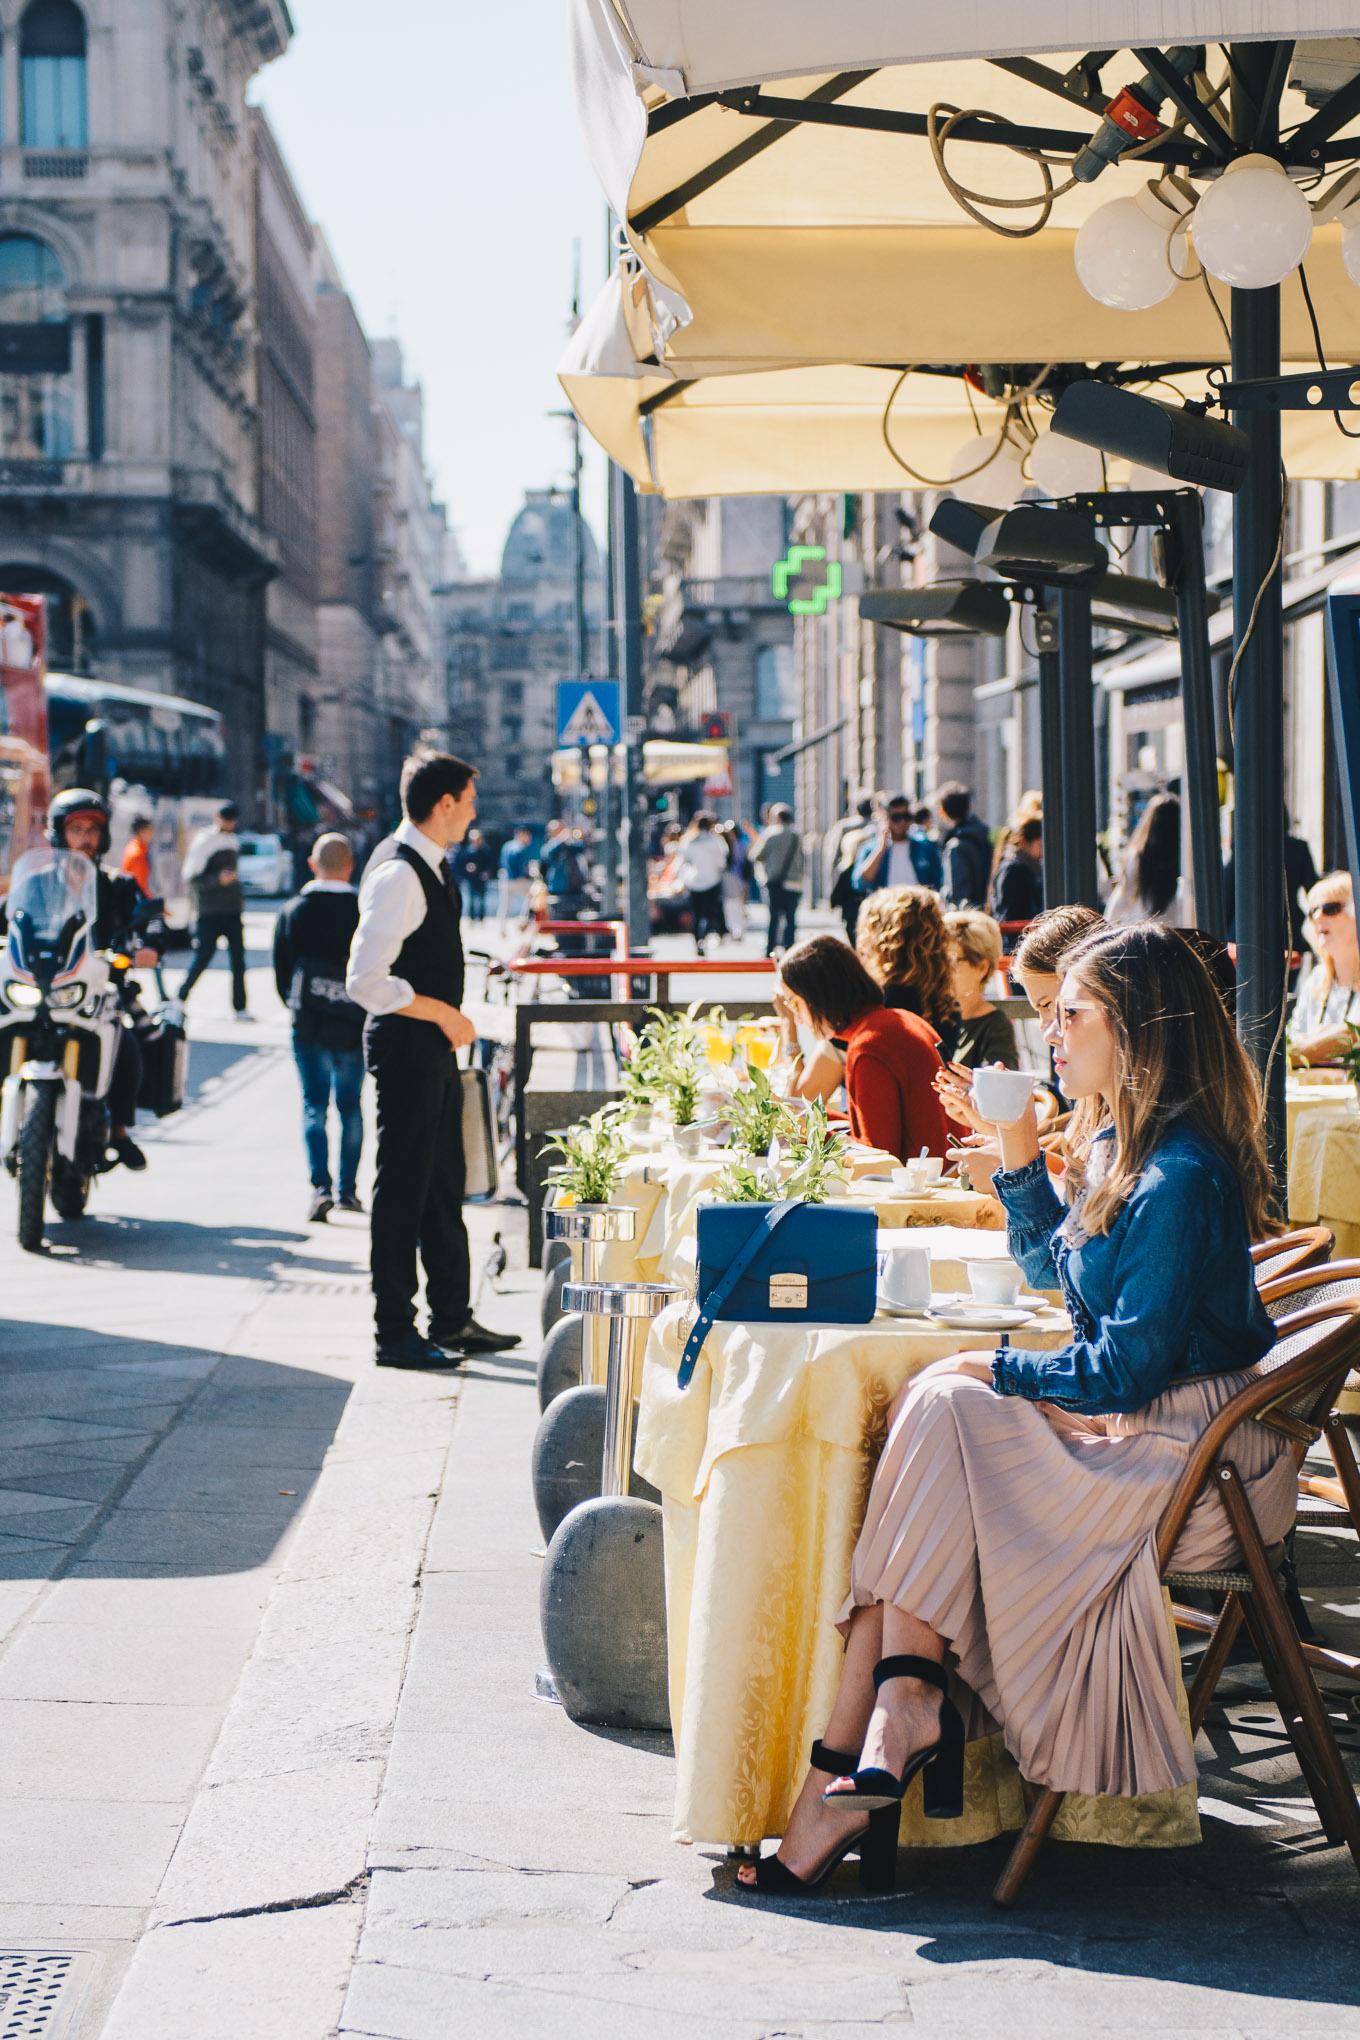 MIlan cafe at Duomo